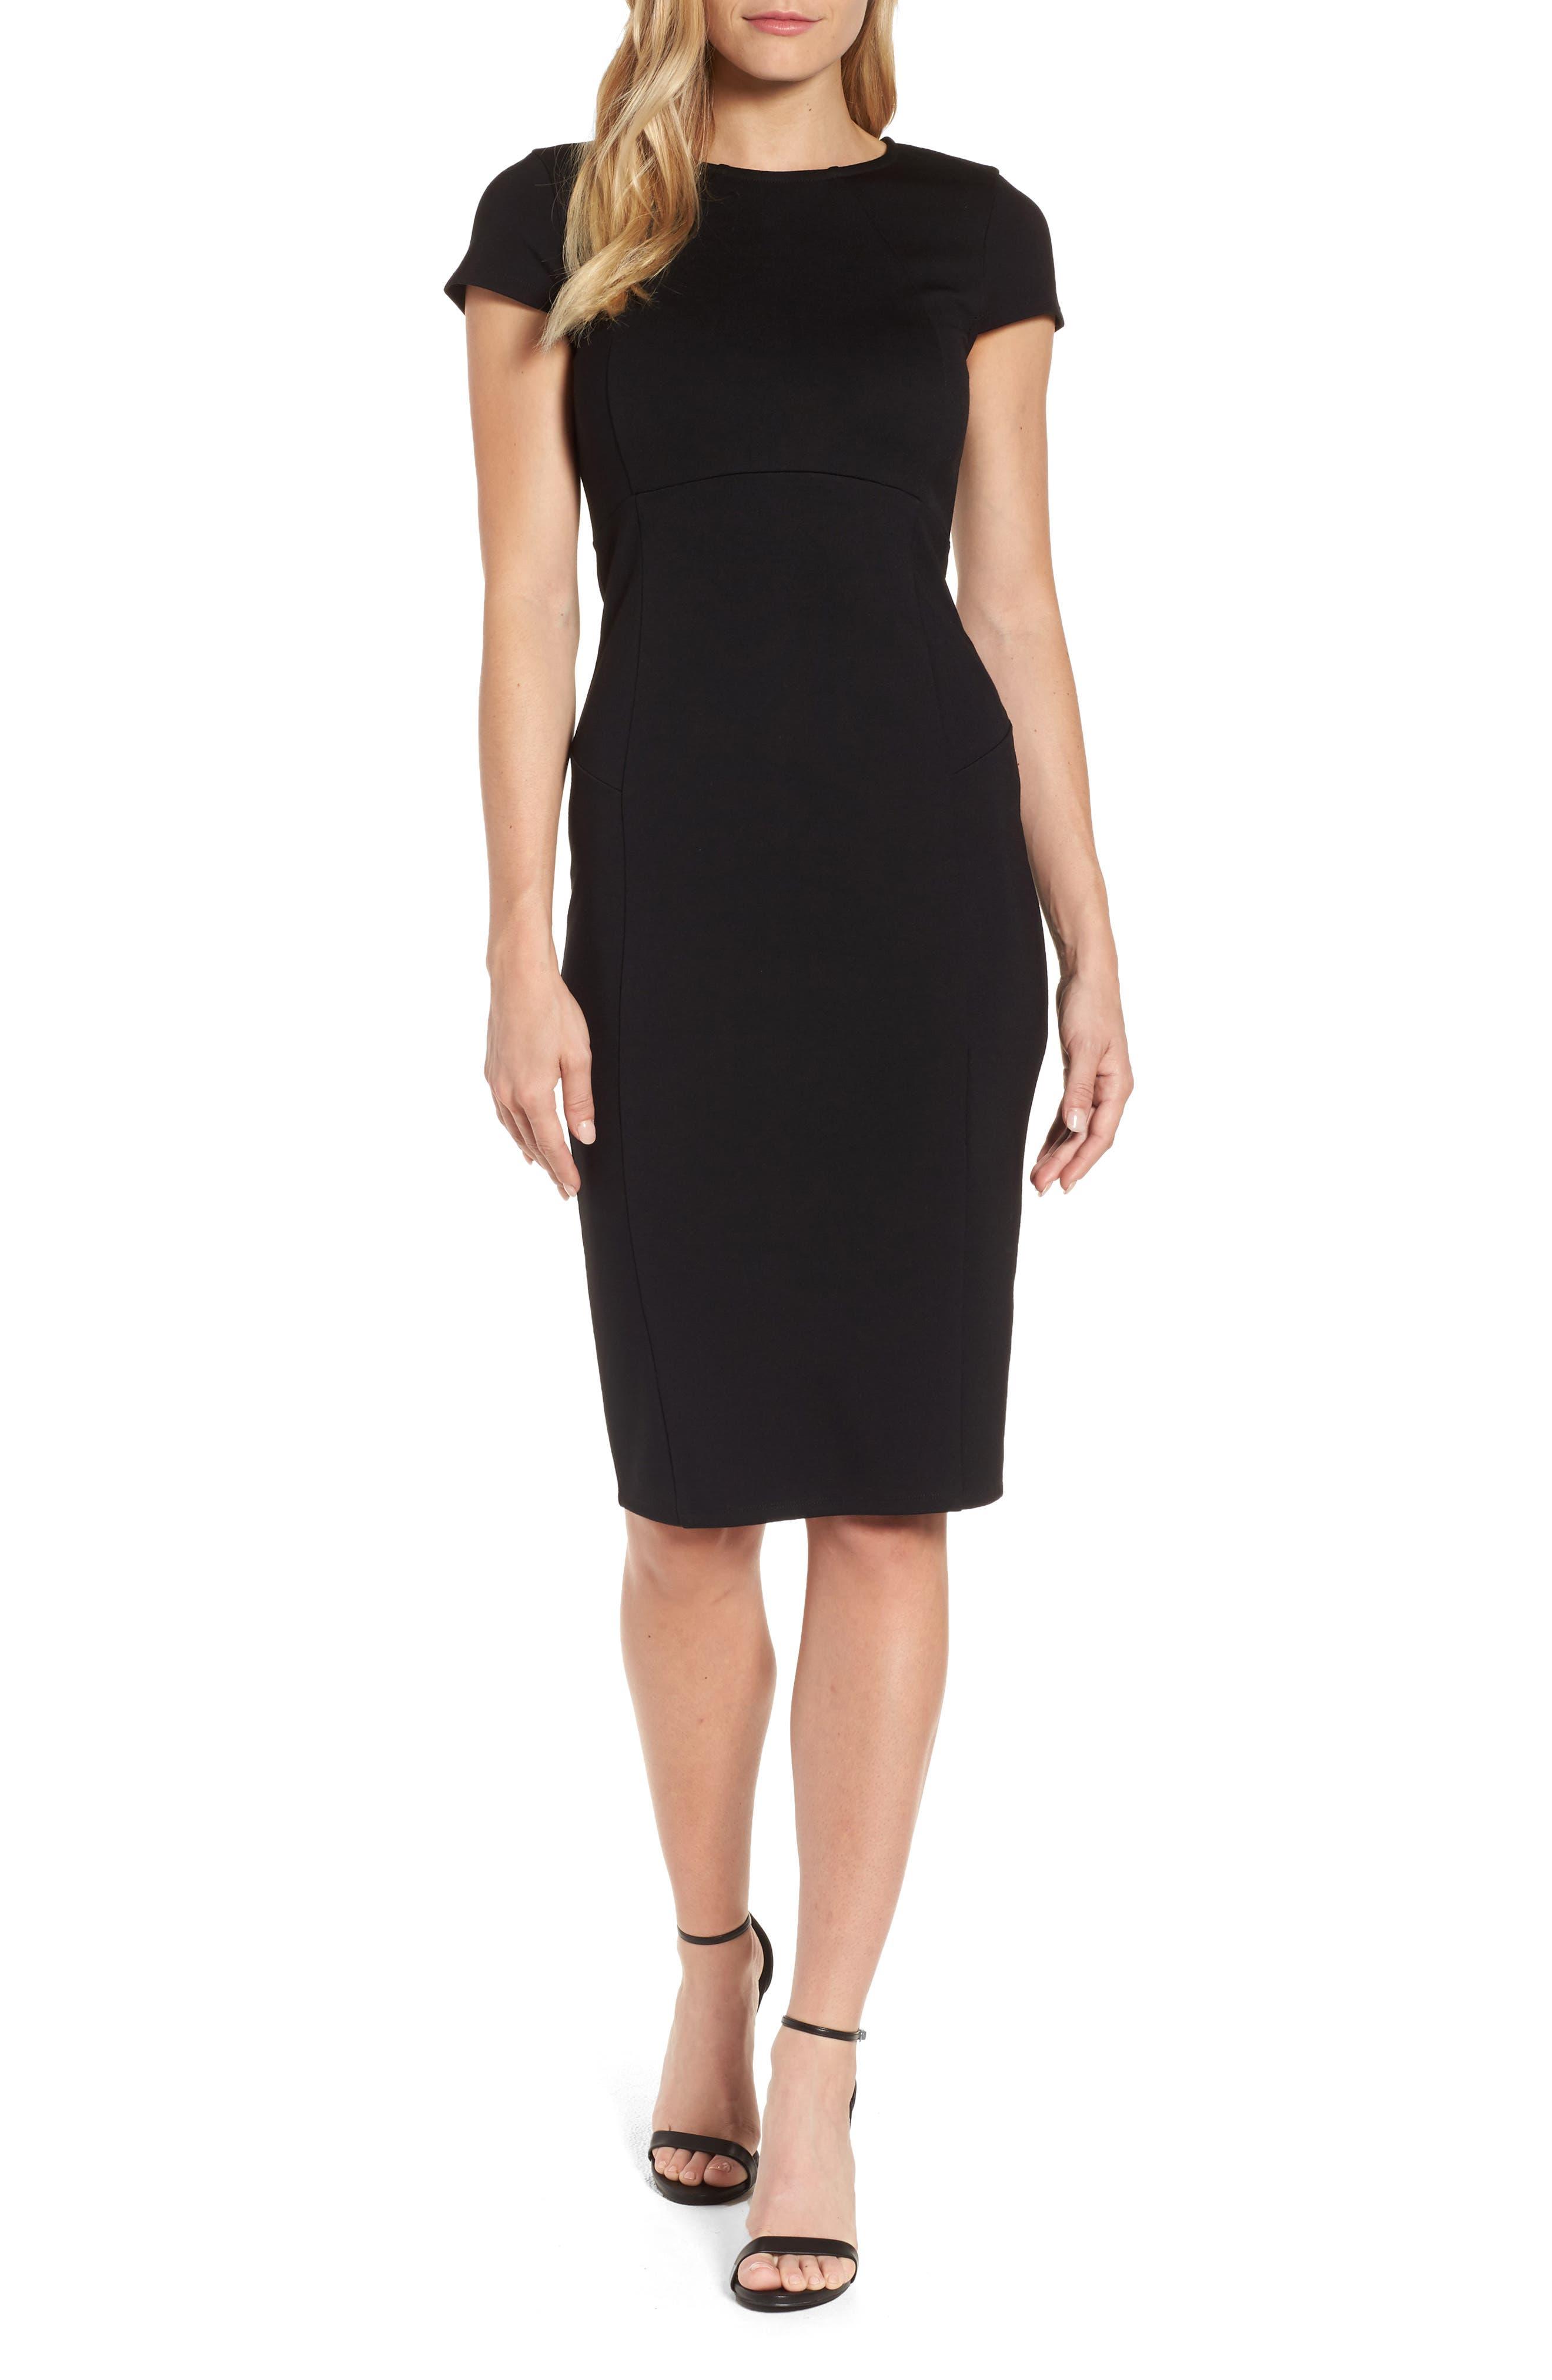 FELICITY & COCO Ward Seamed Pencil Dress, Main, color, 001